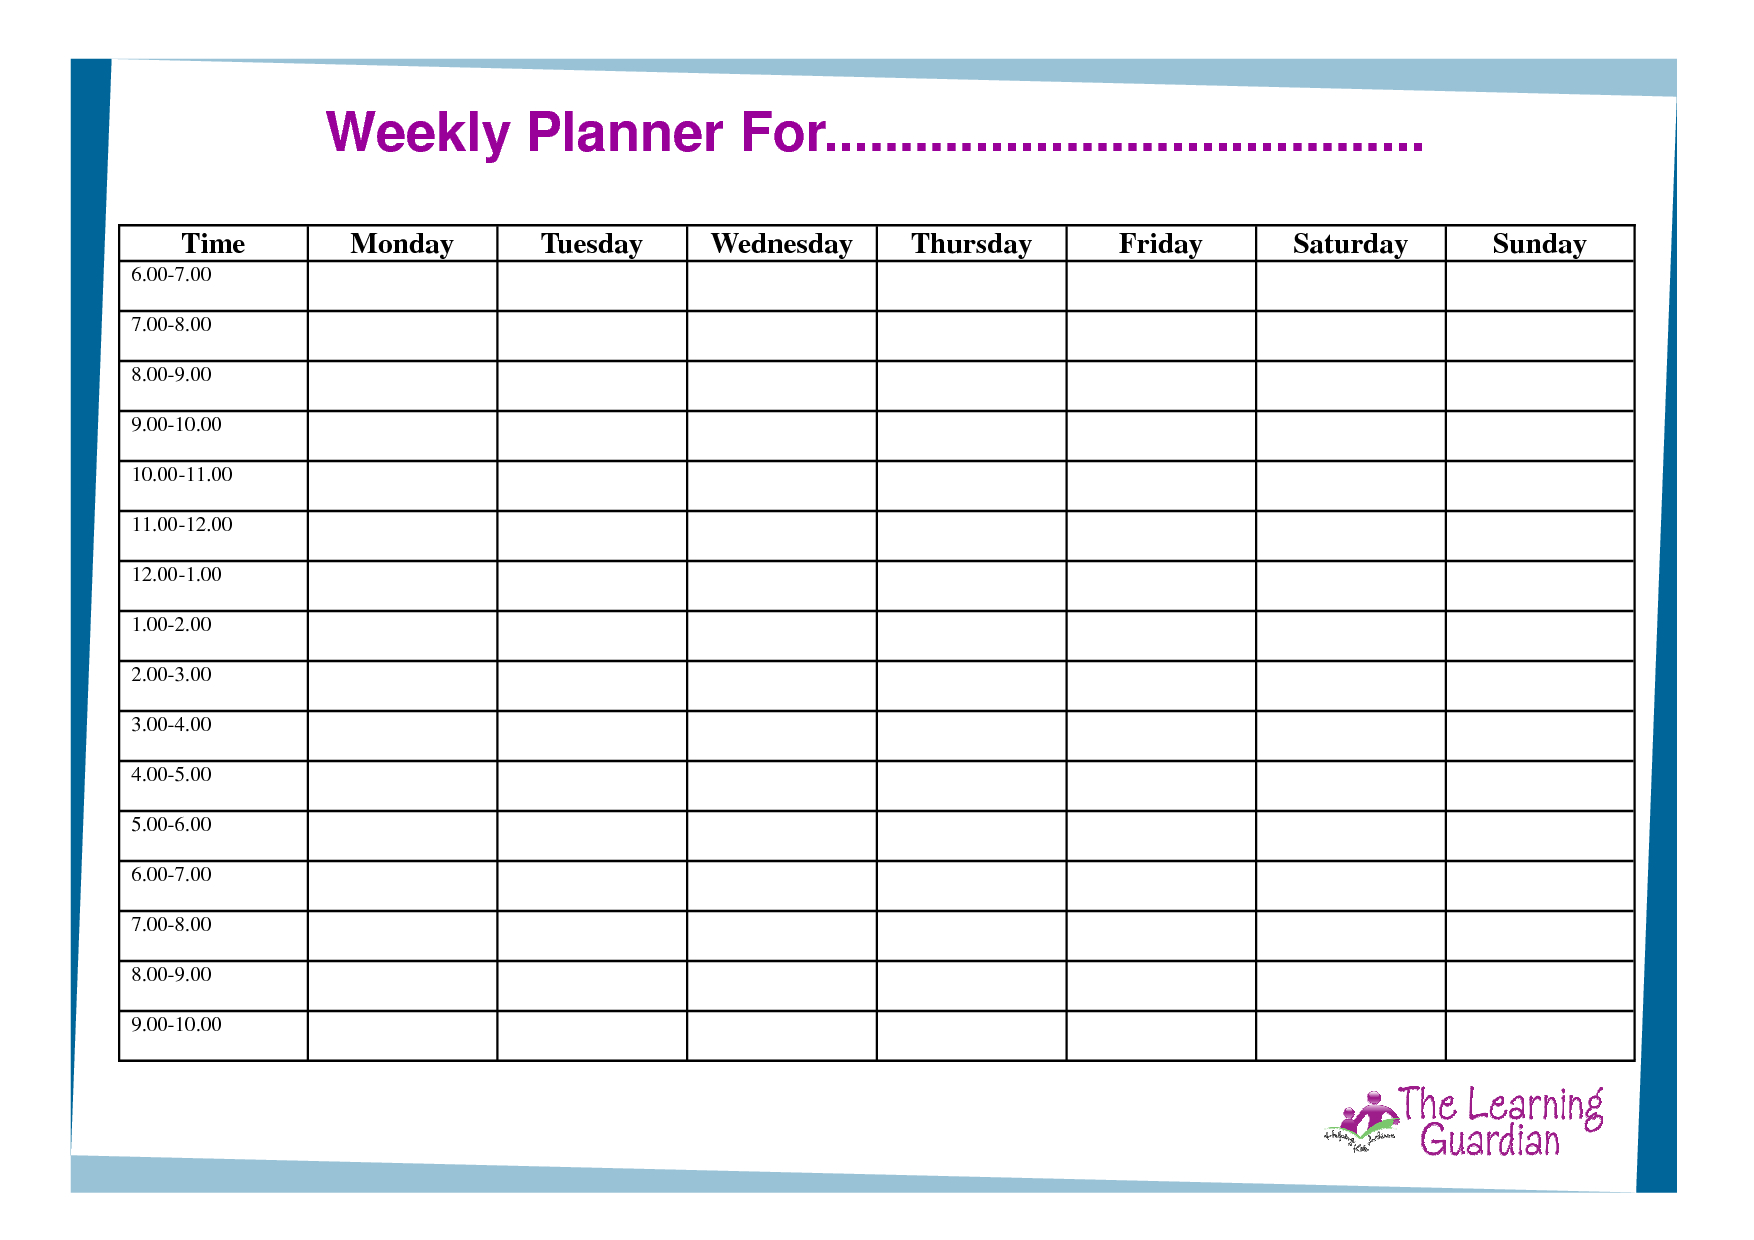 Free Printable Weekly Calendar Templates | Weekly Planner